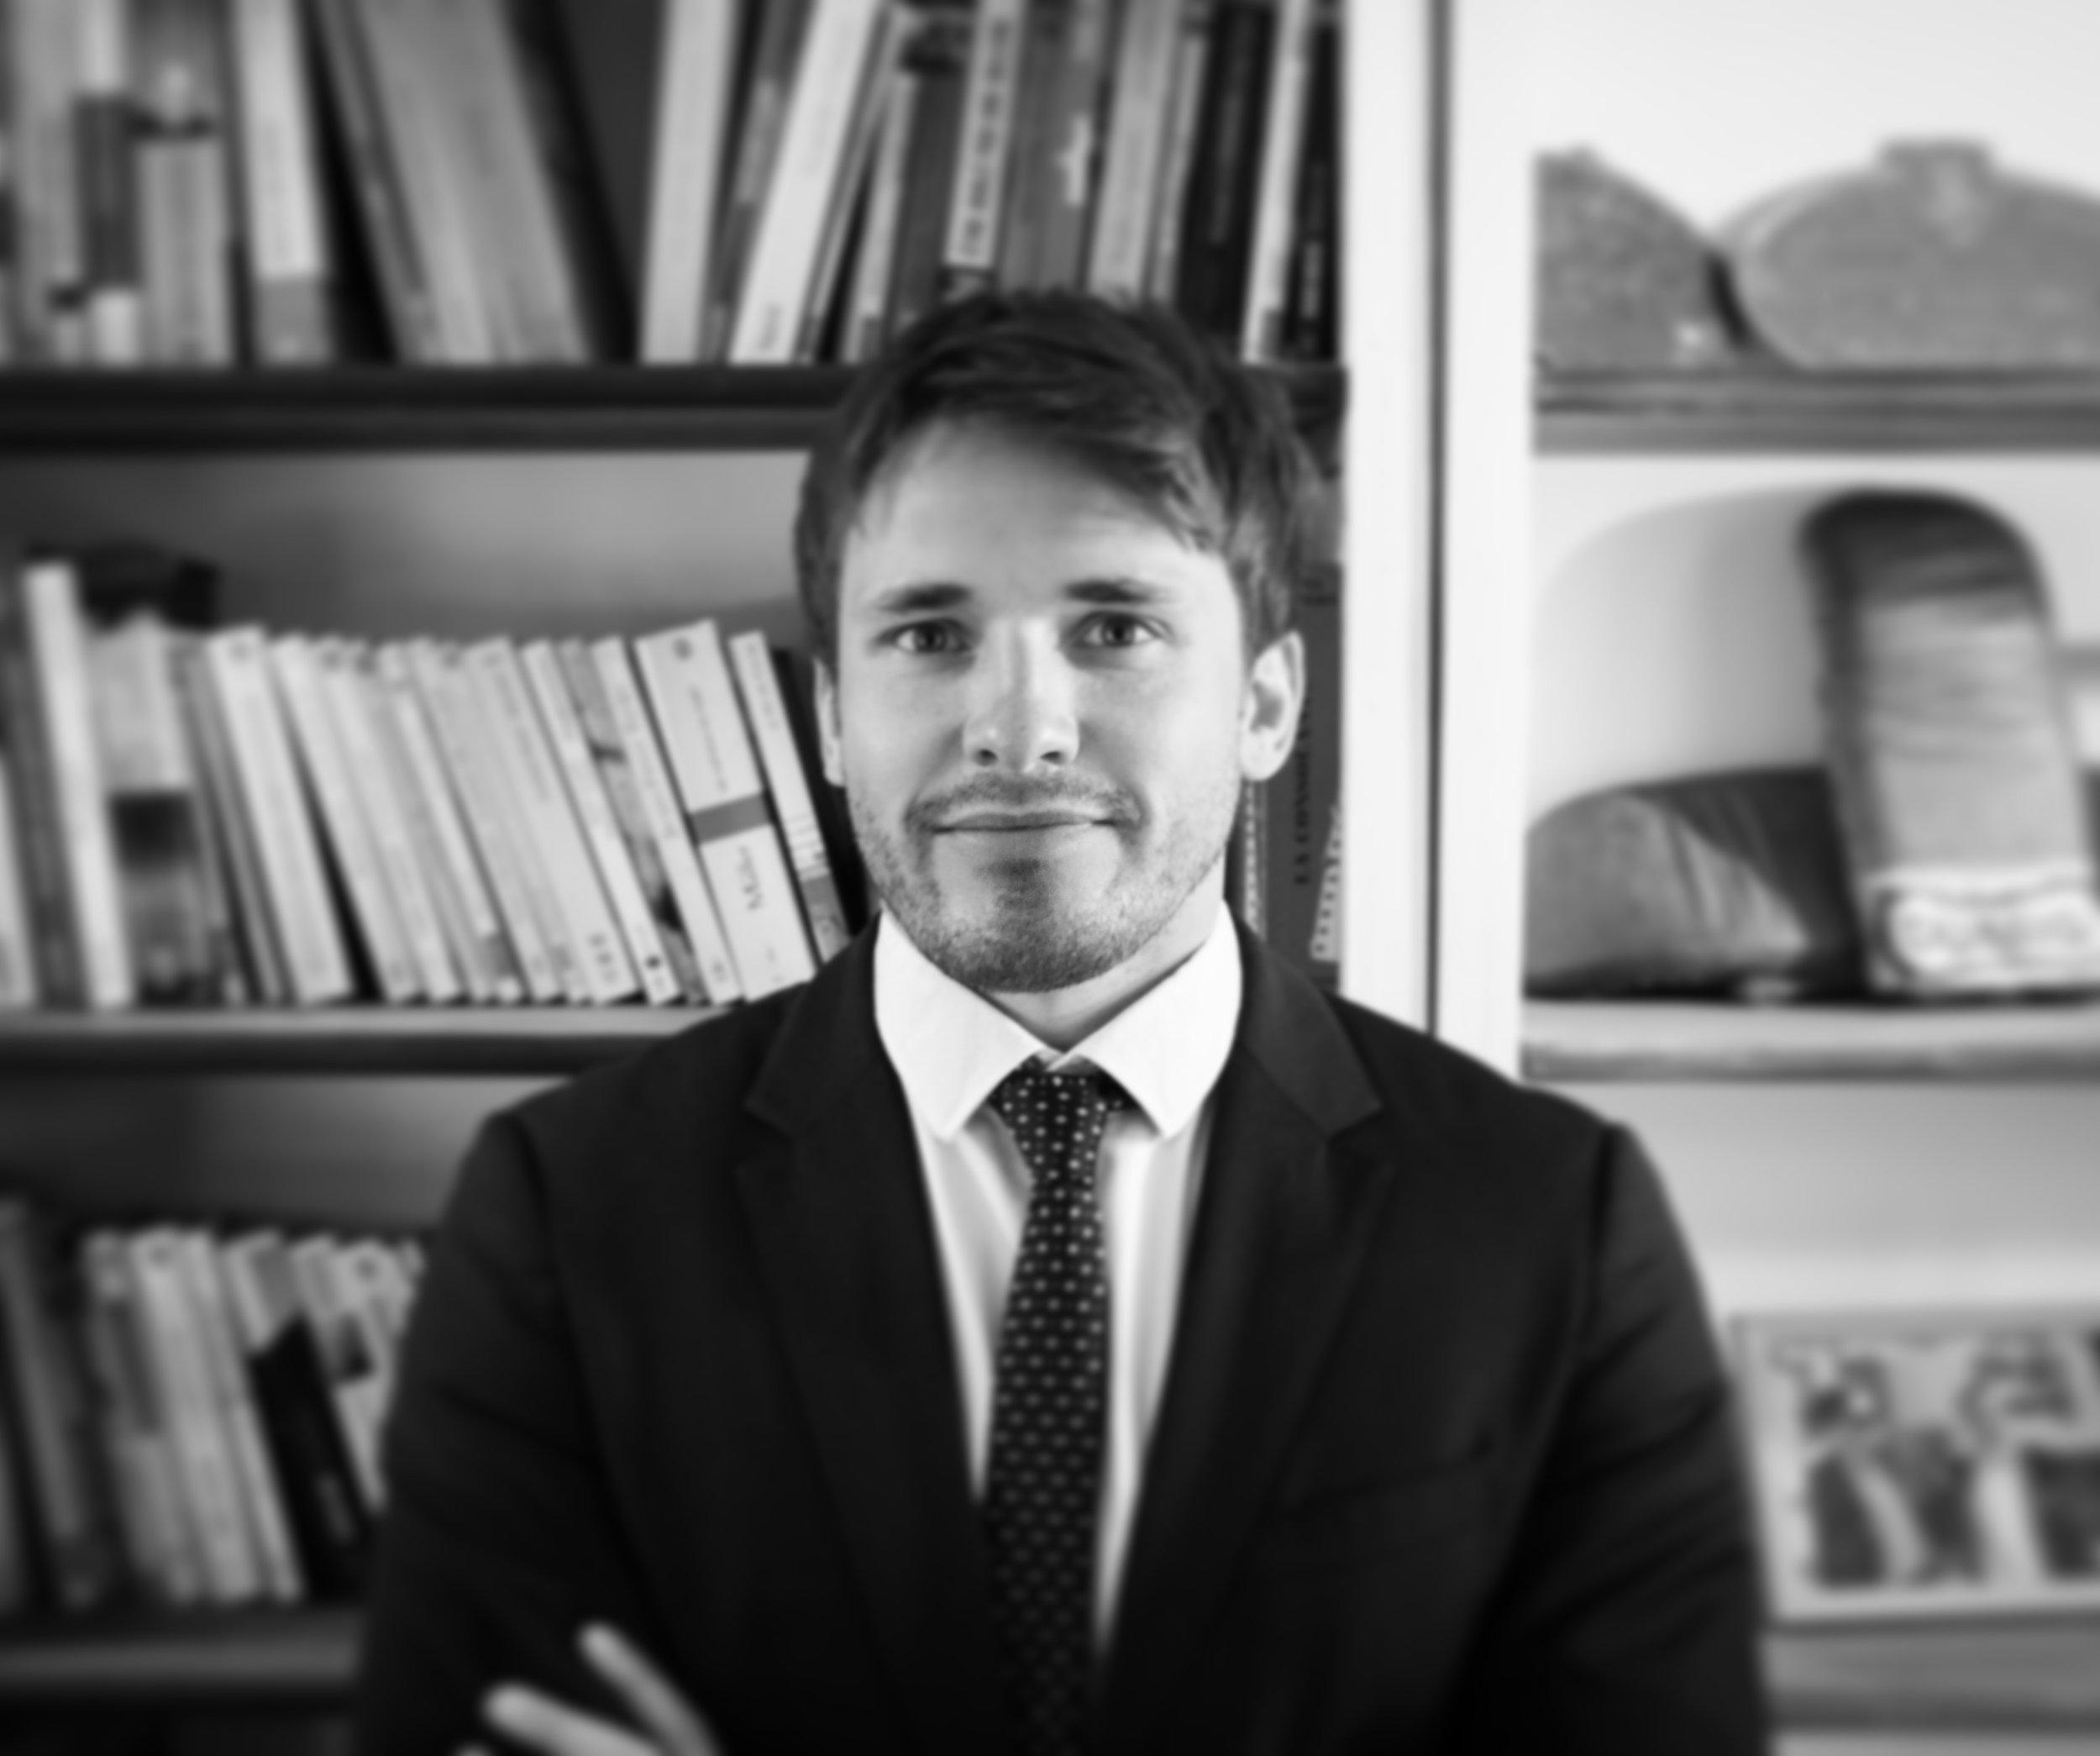 """Paul PETITFOUR - Avocat au Barreau de StrasbourgMaster 2 ContentieuxMaster Droit de l'entrepriseMaster Droit privé et sciences criminelles"""" Je jure, comme avocat, d'exercer mes fonctions avec dignité, conscience, indépendance, probité et humanité """" (serment des avocats)"""